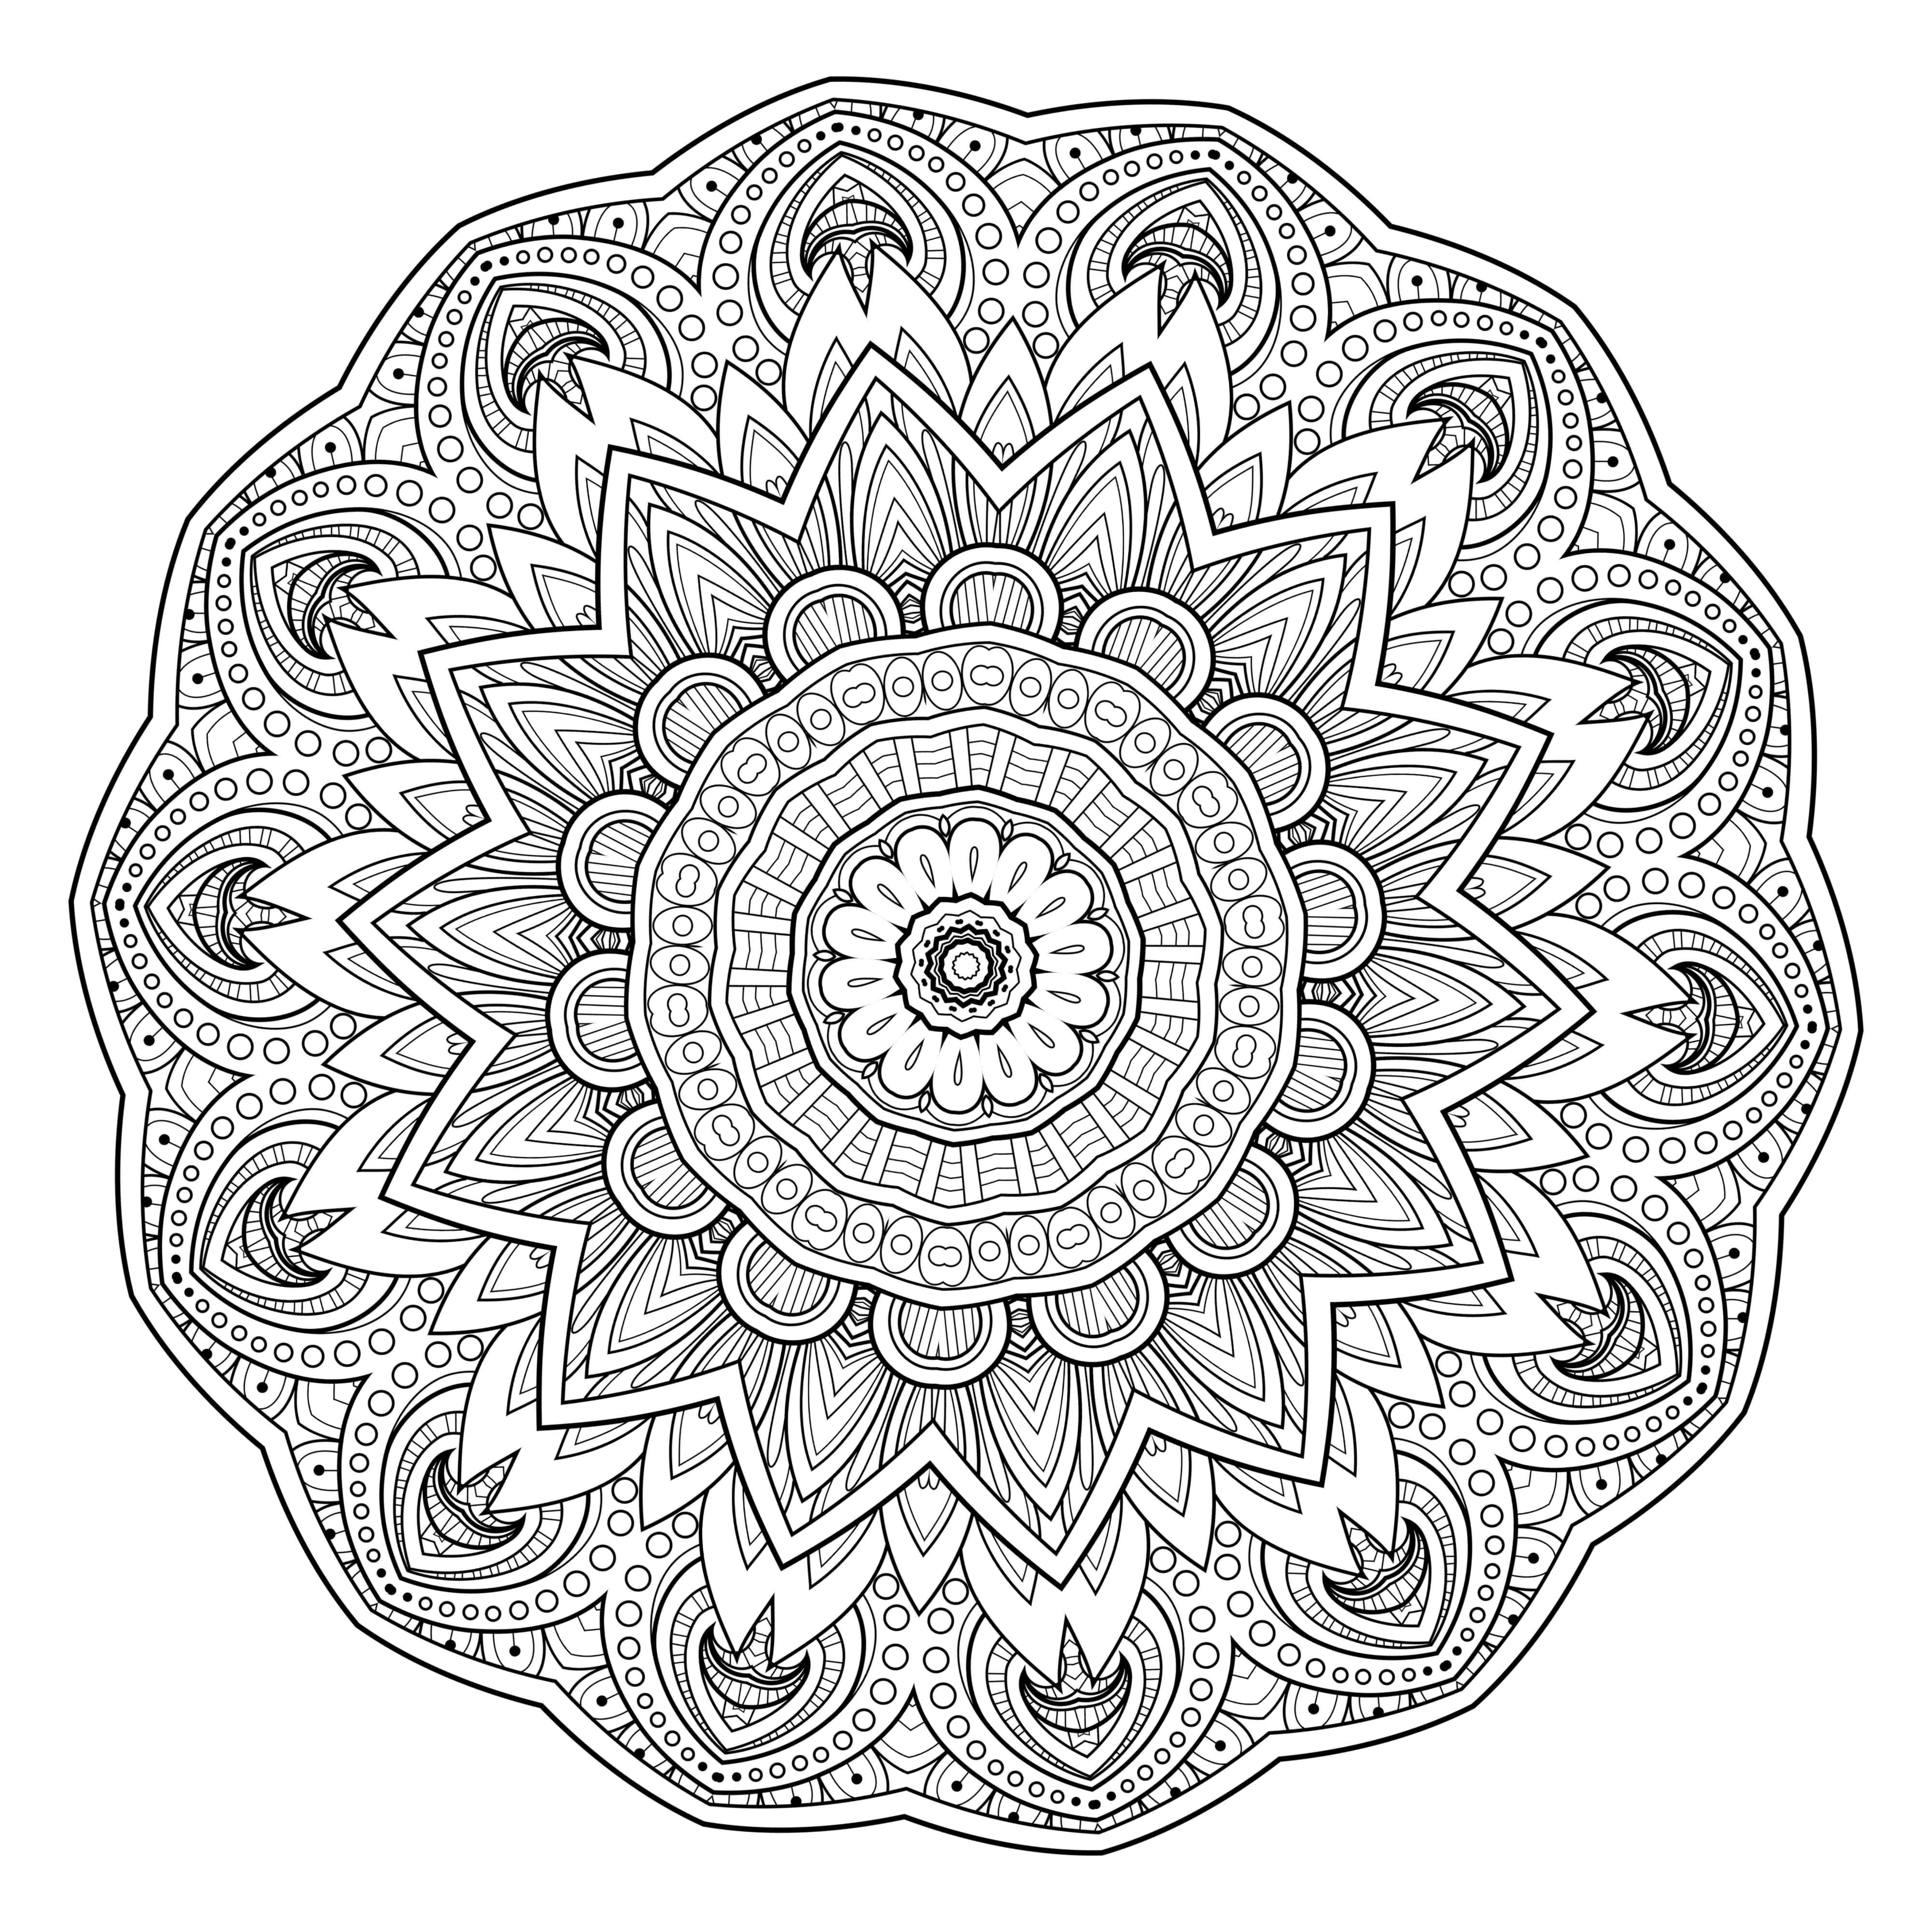 4000x4000 Coloring Page Mandala Yin And Yang To Color